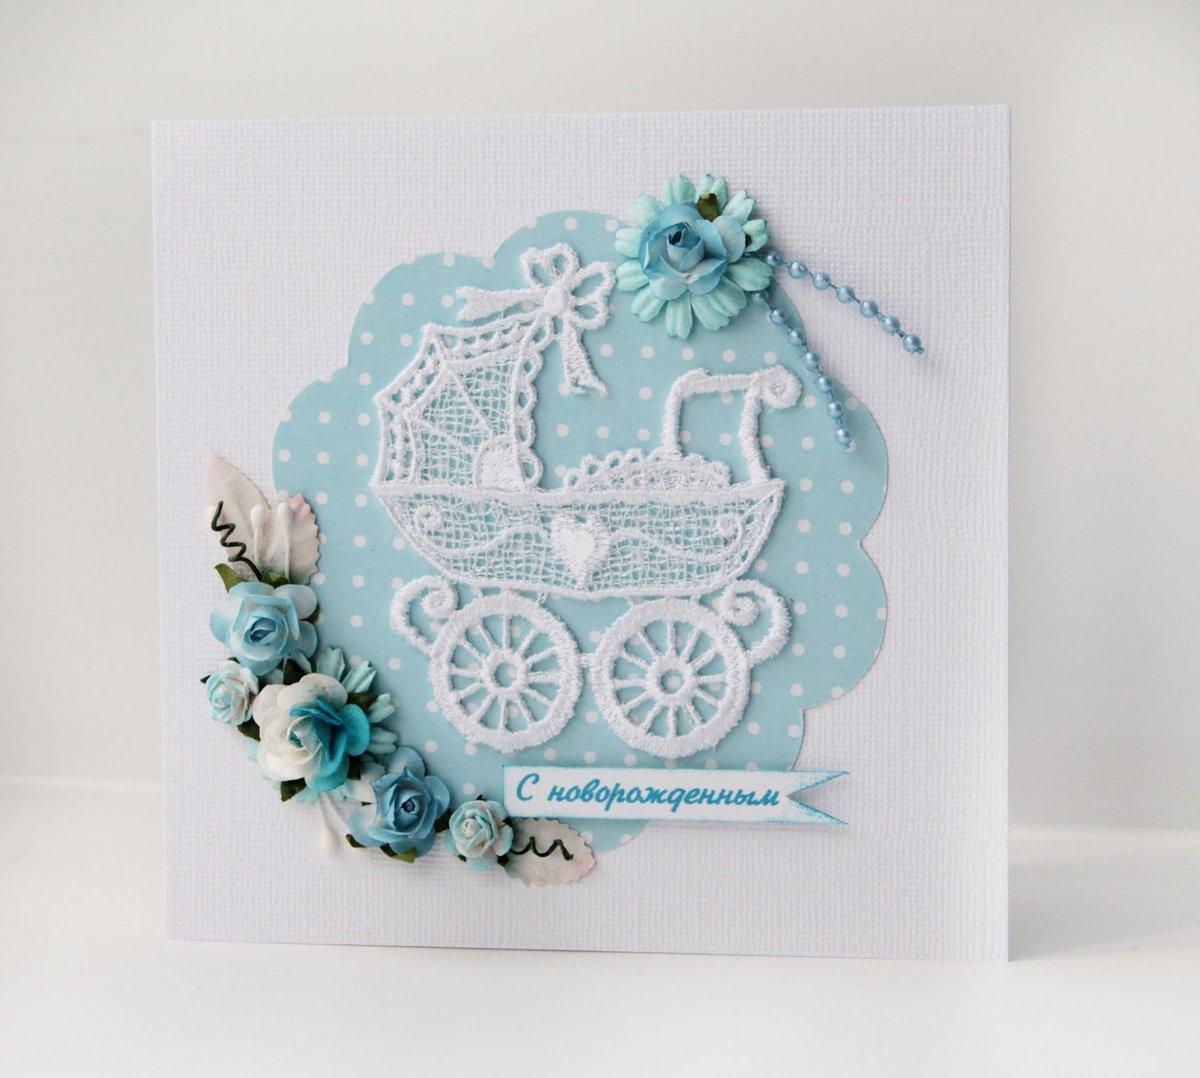 Как сделать открытку с рождением ребенка своими руками 1